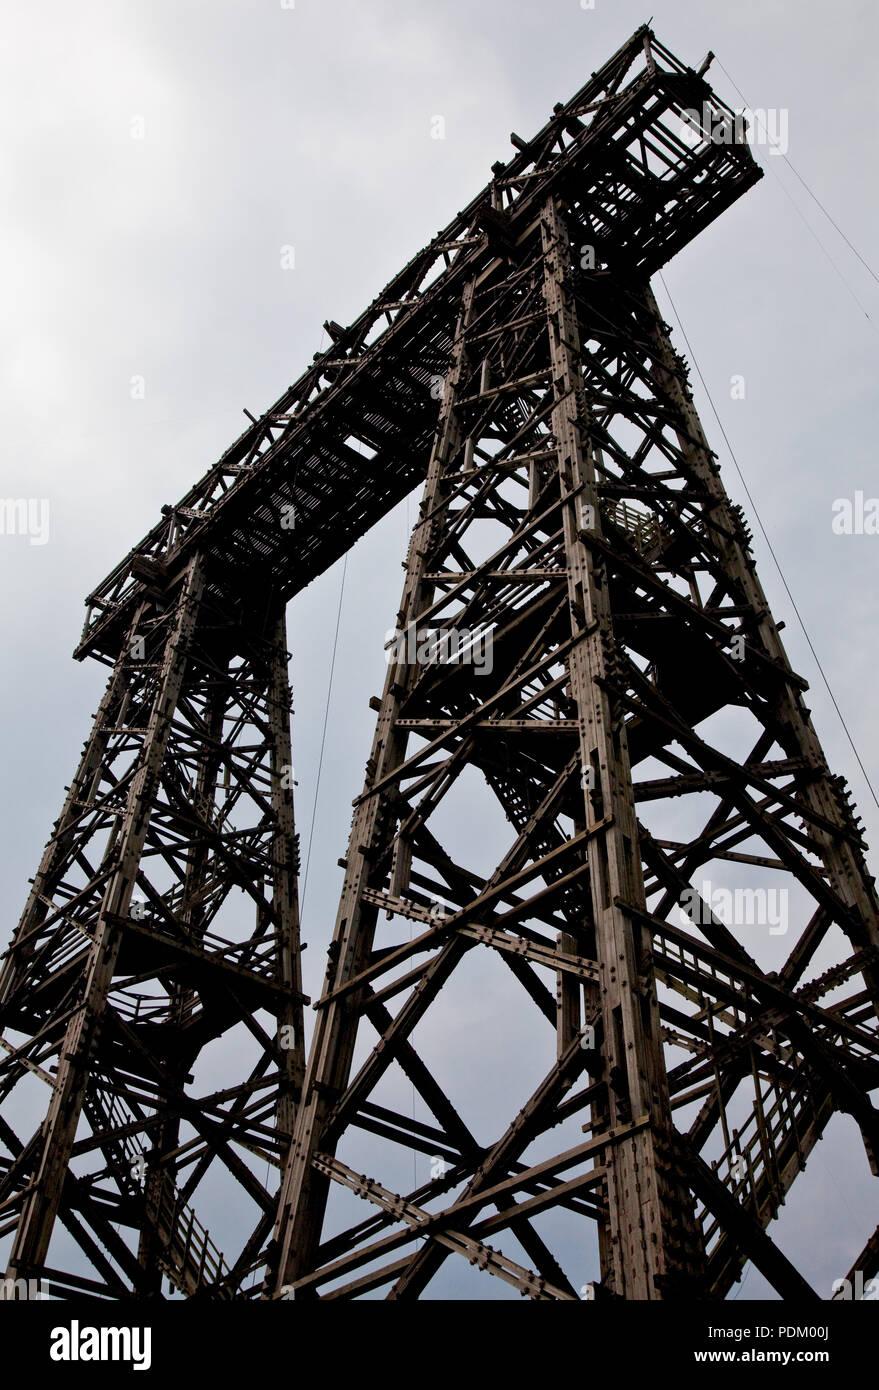 Brück (Mark) Antennenmeßtürme hölzerne Turm III 54 m hoch beide 1963 von der Deutschen Post errichtet. Brücker Türme Stockbild